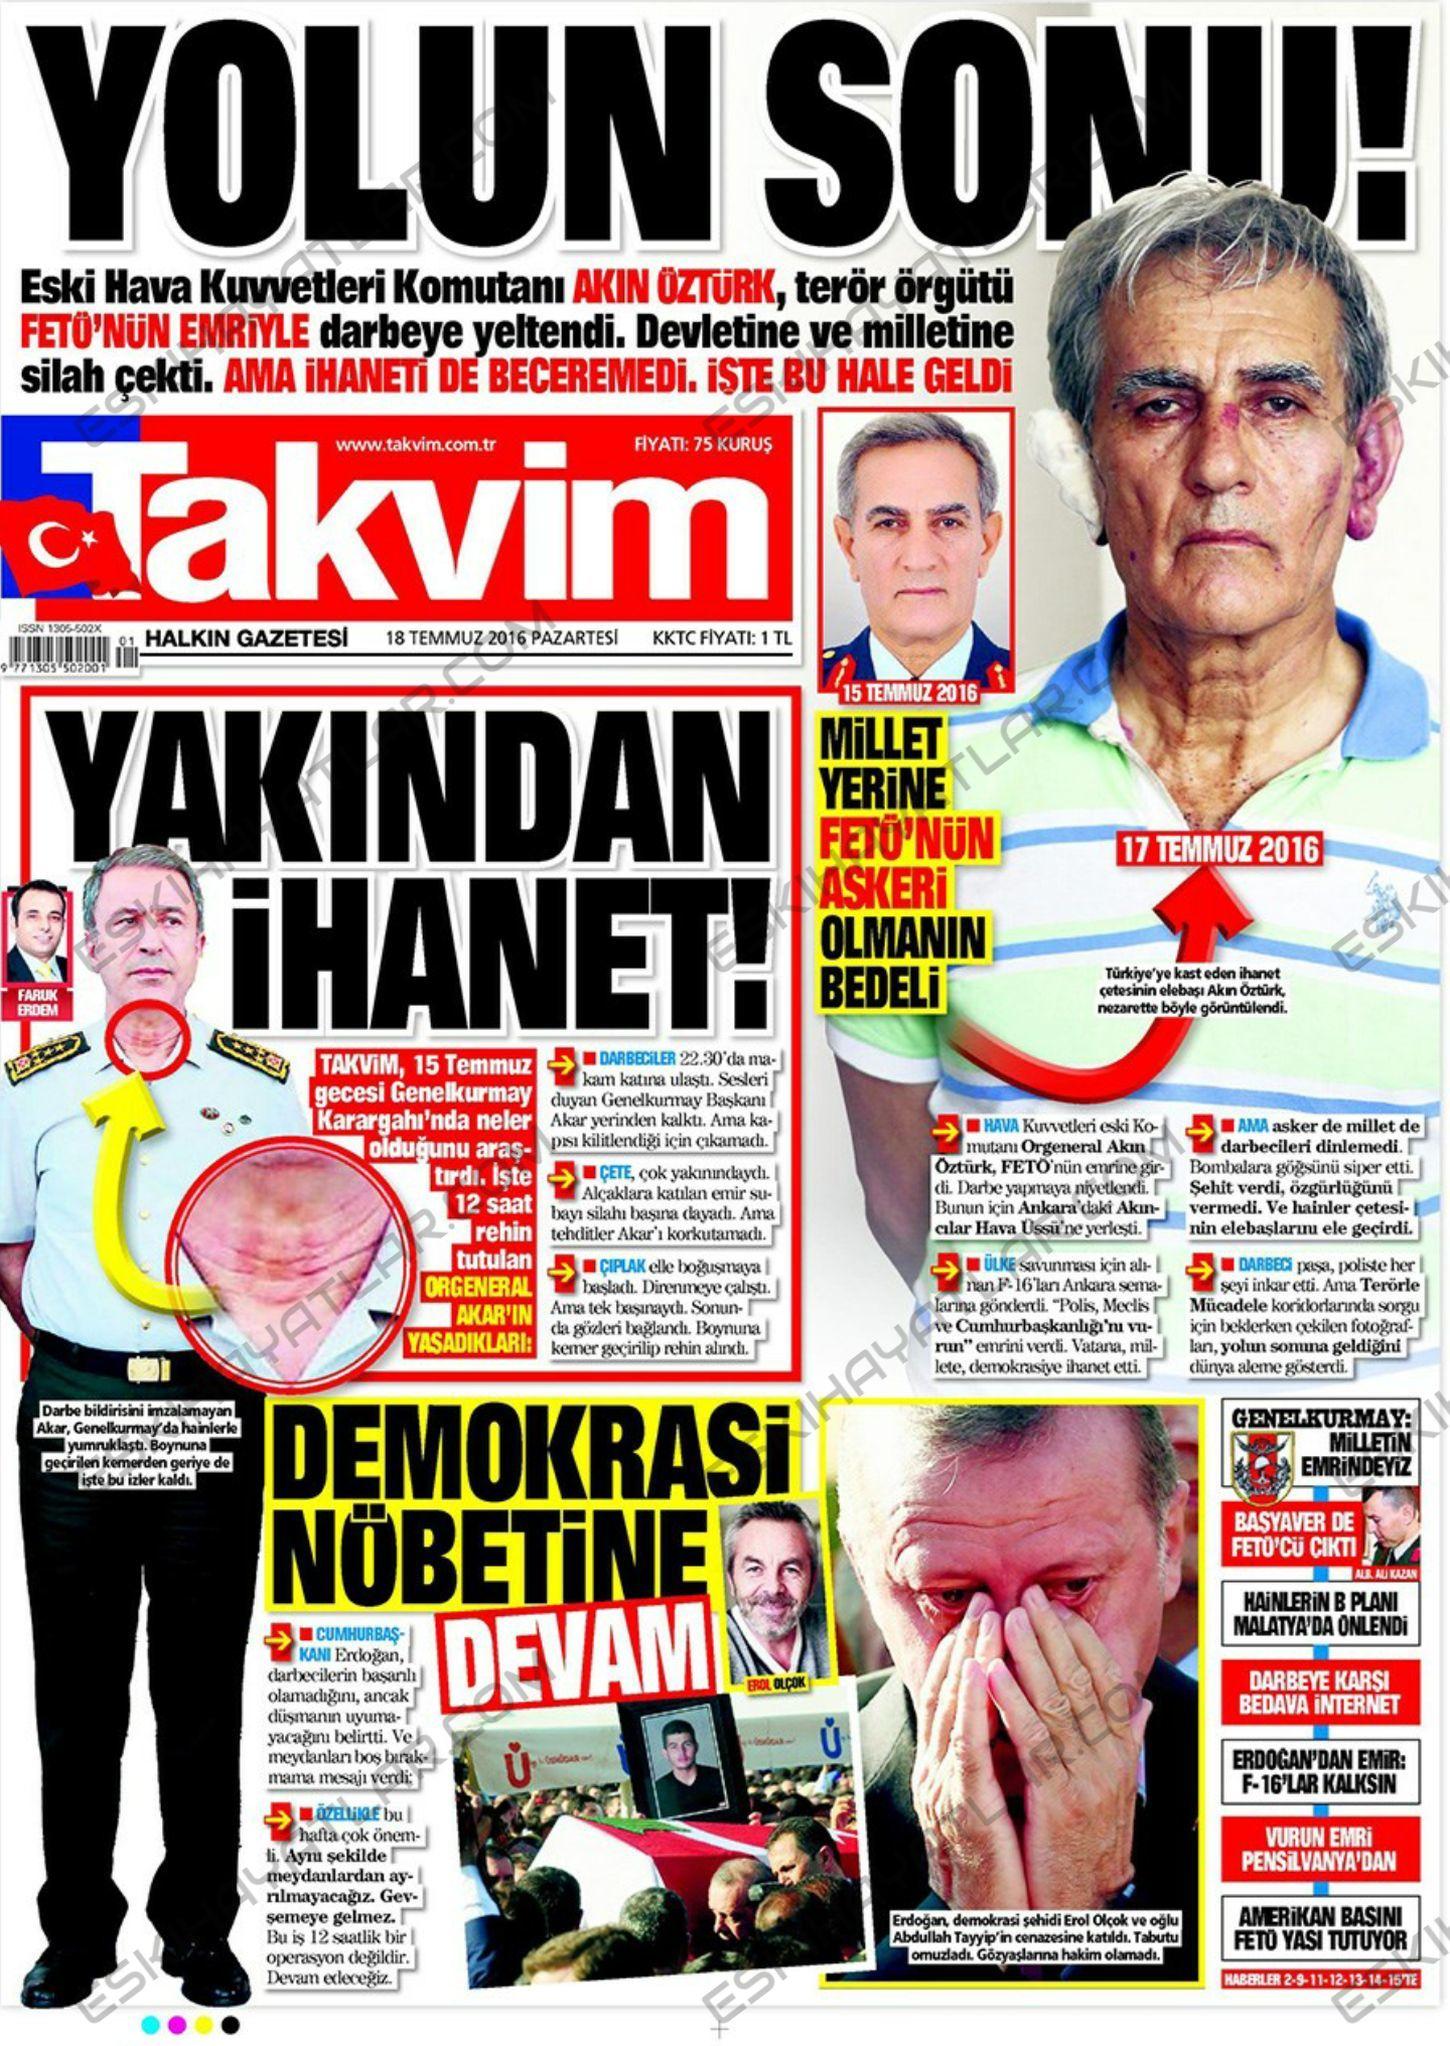 15-temmuz-2016-darbe-tesebbusu-gazete-arsivleri (takvim)